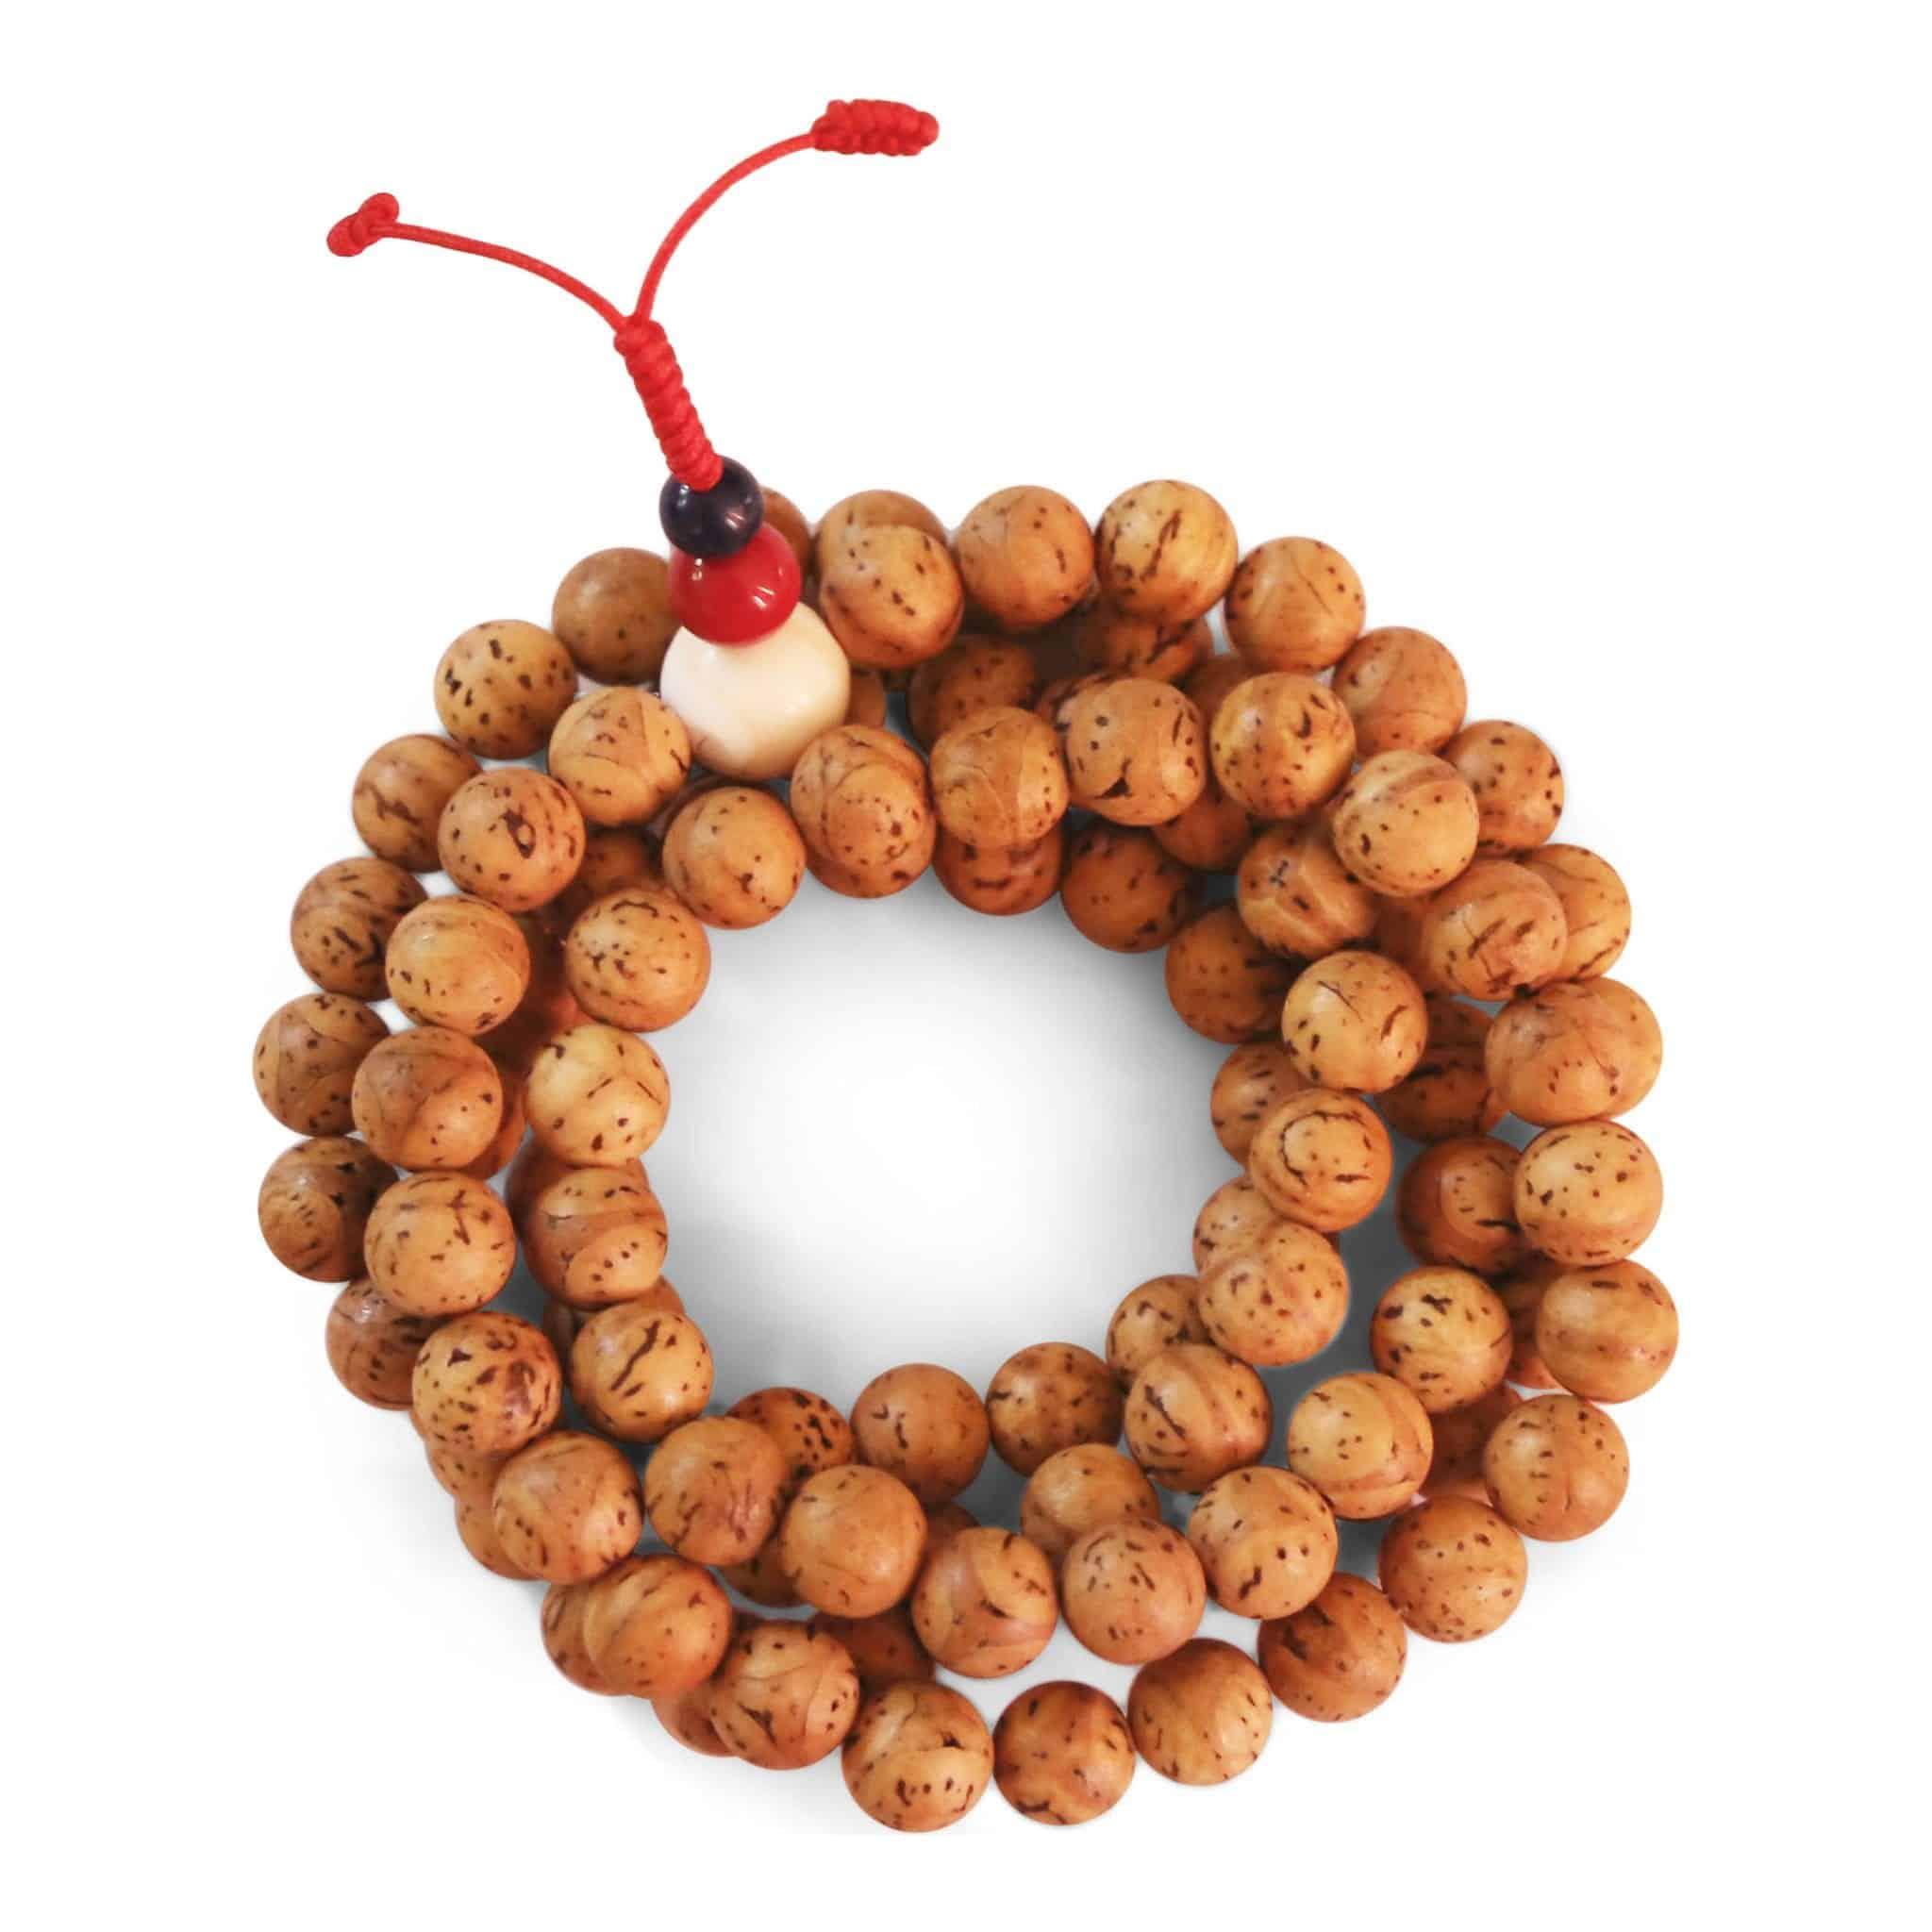 Malas: Buddhist Prayer Beads - Samye Institute